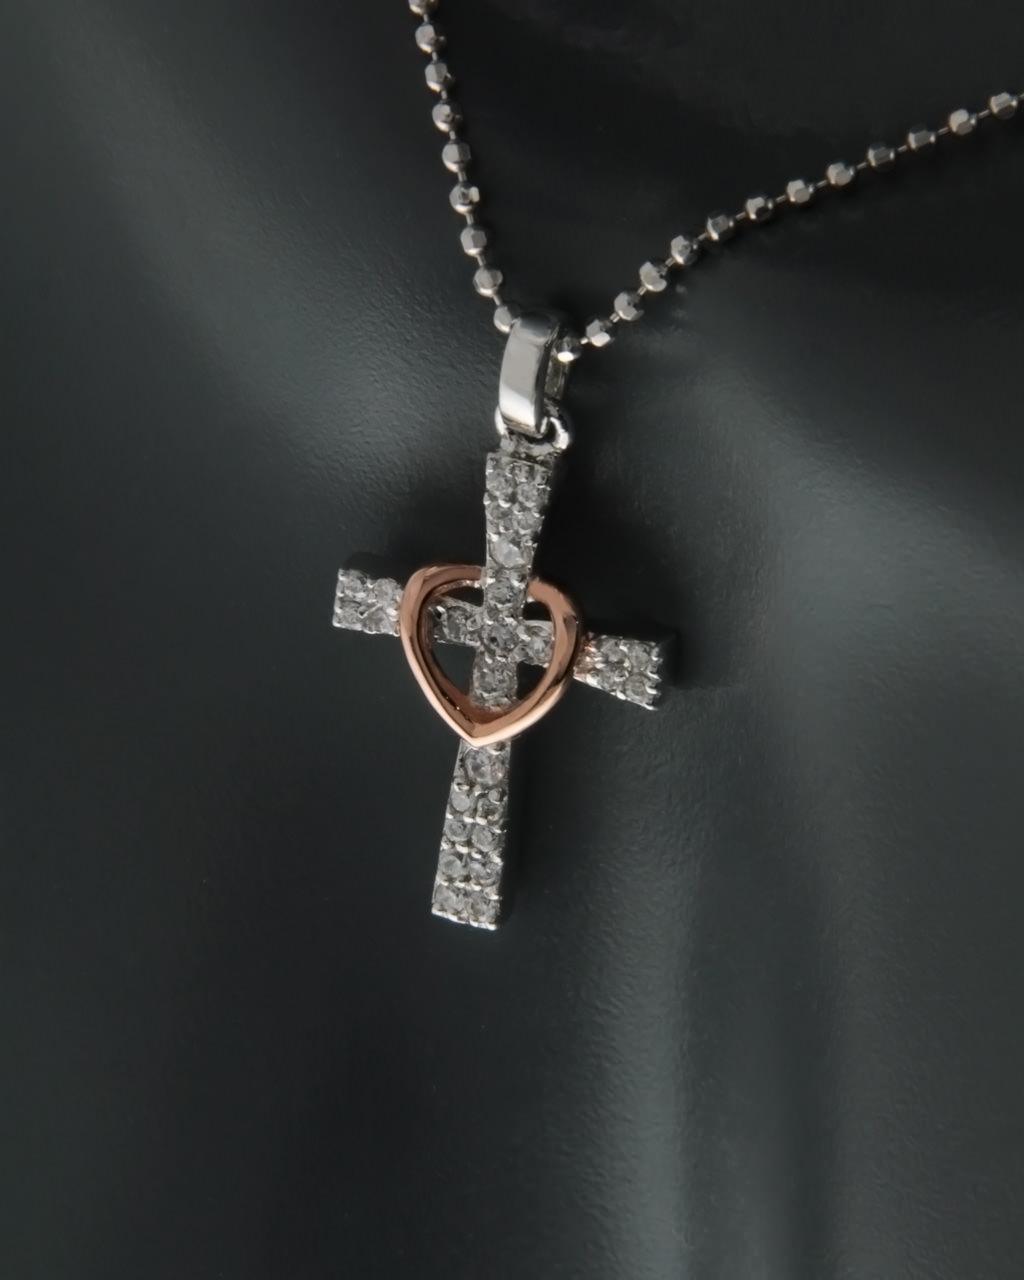 Σταυρός ασημένιος 925 με Ζιργκόν   γυναικα σταυροί σταυροί ασημένιοι